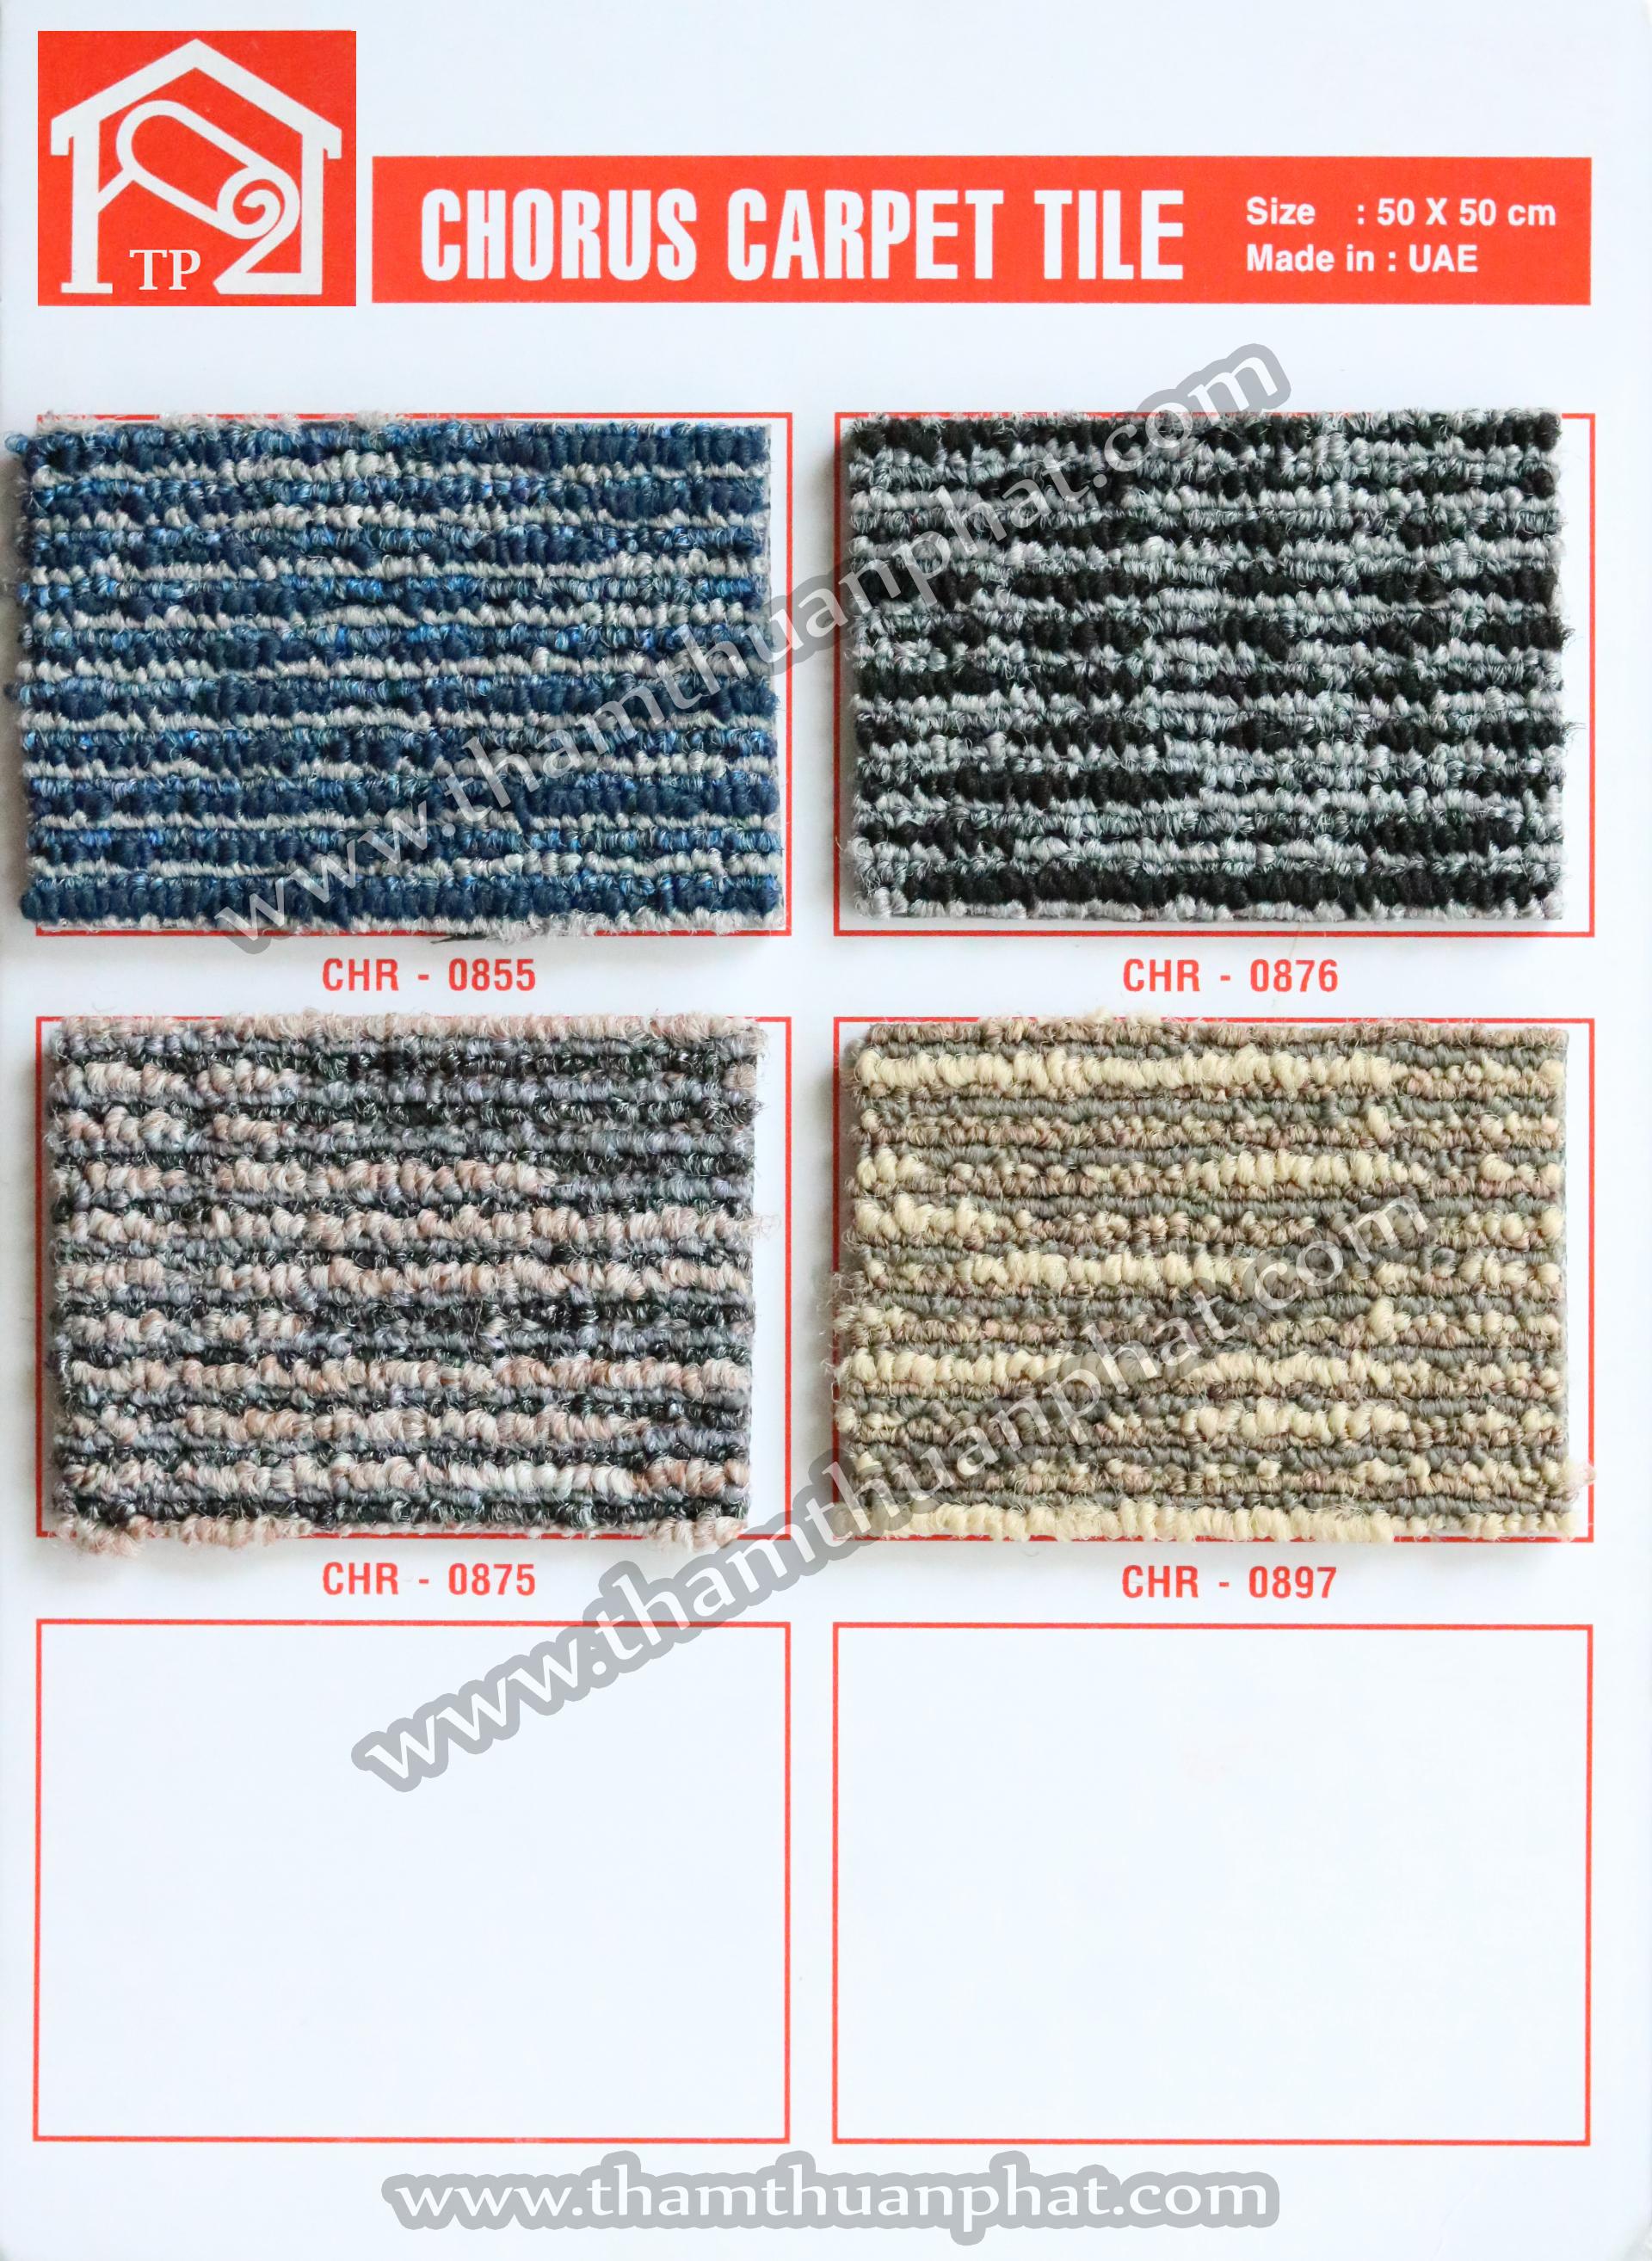 Thảm gạch - thảm tấm Chorus (50cmx50cm)